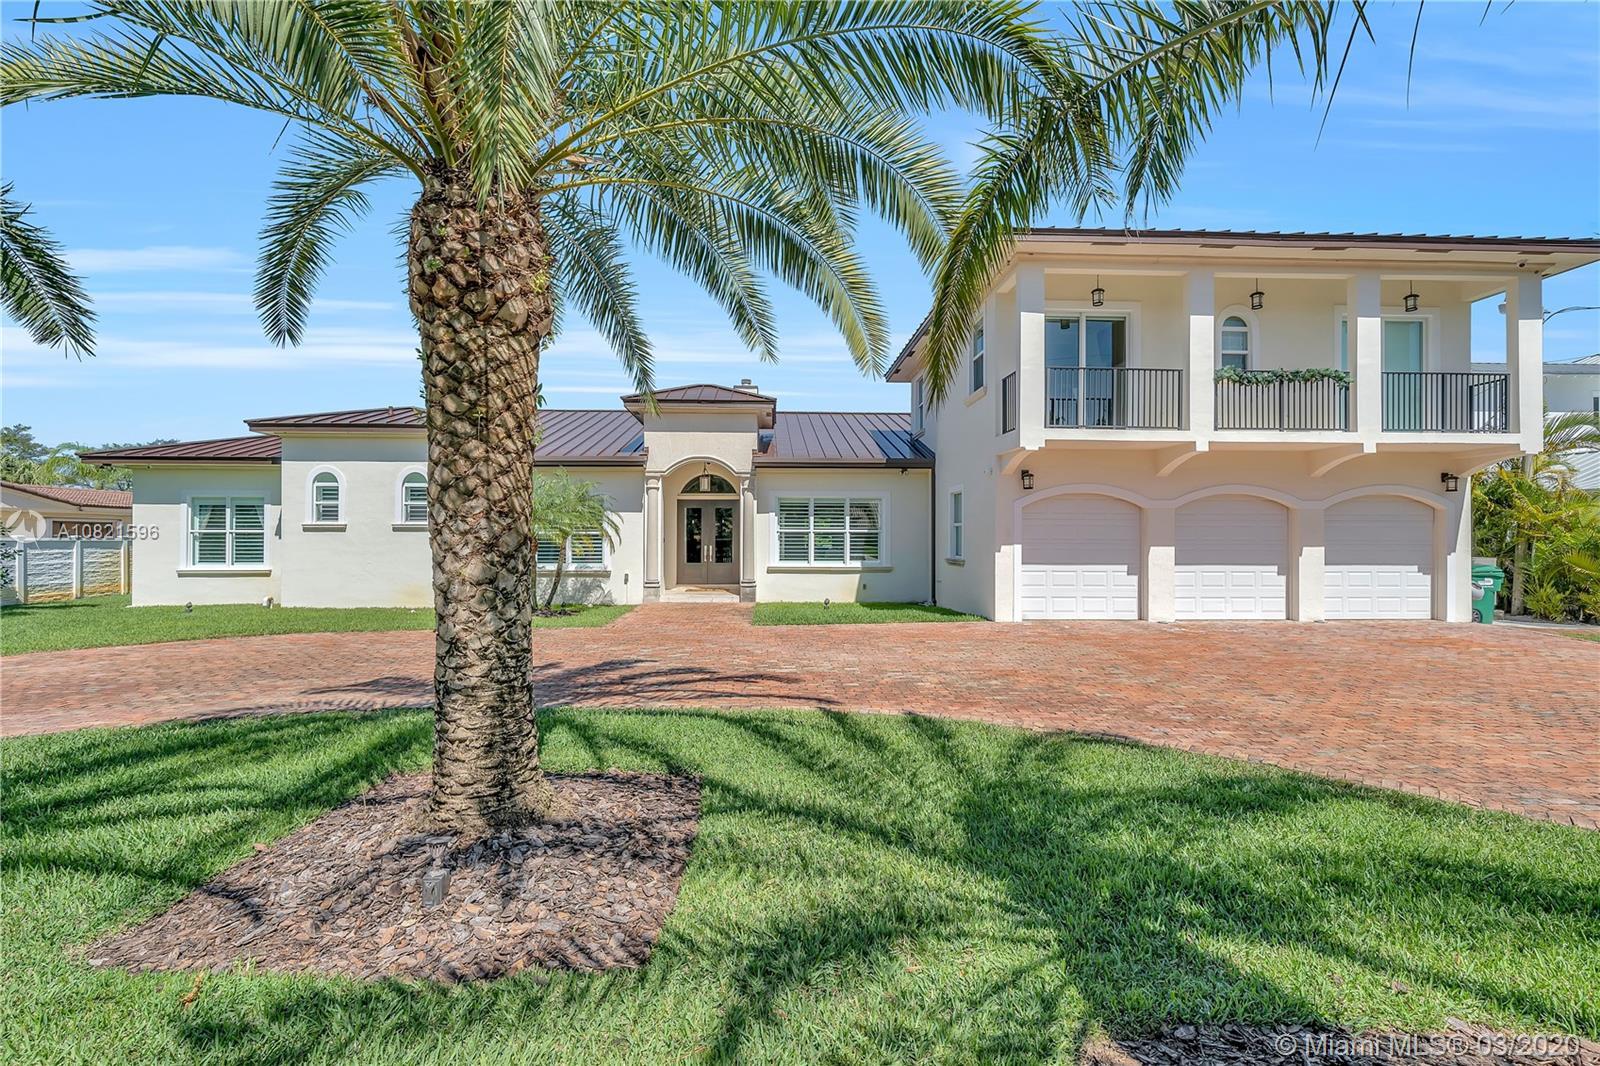 9885 SW 96 St, Miami, FL 33176 - Miami, FL real estate listing